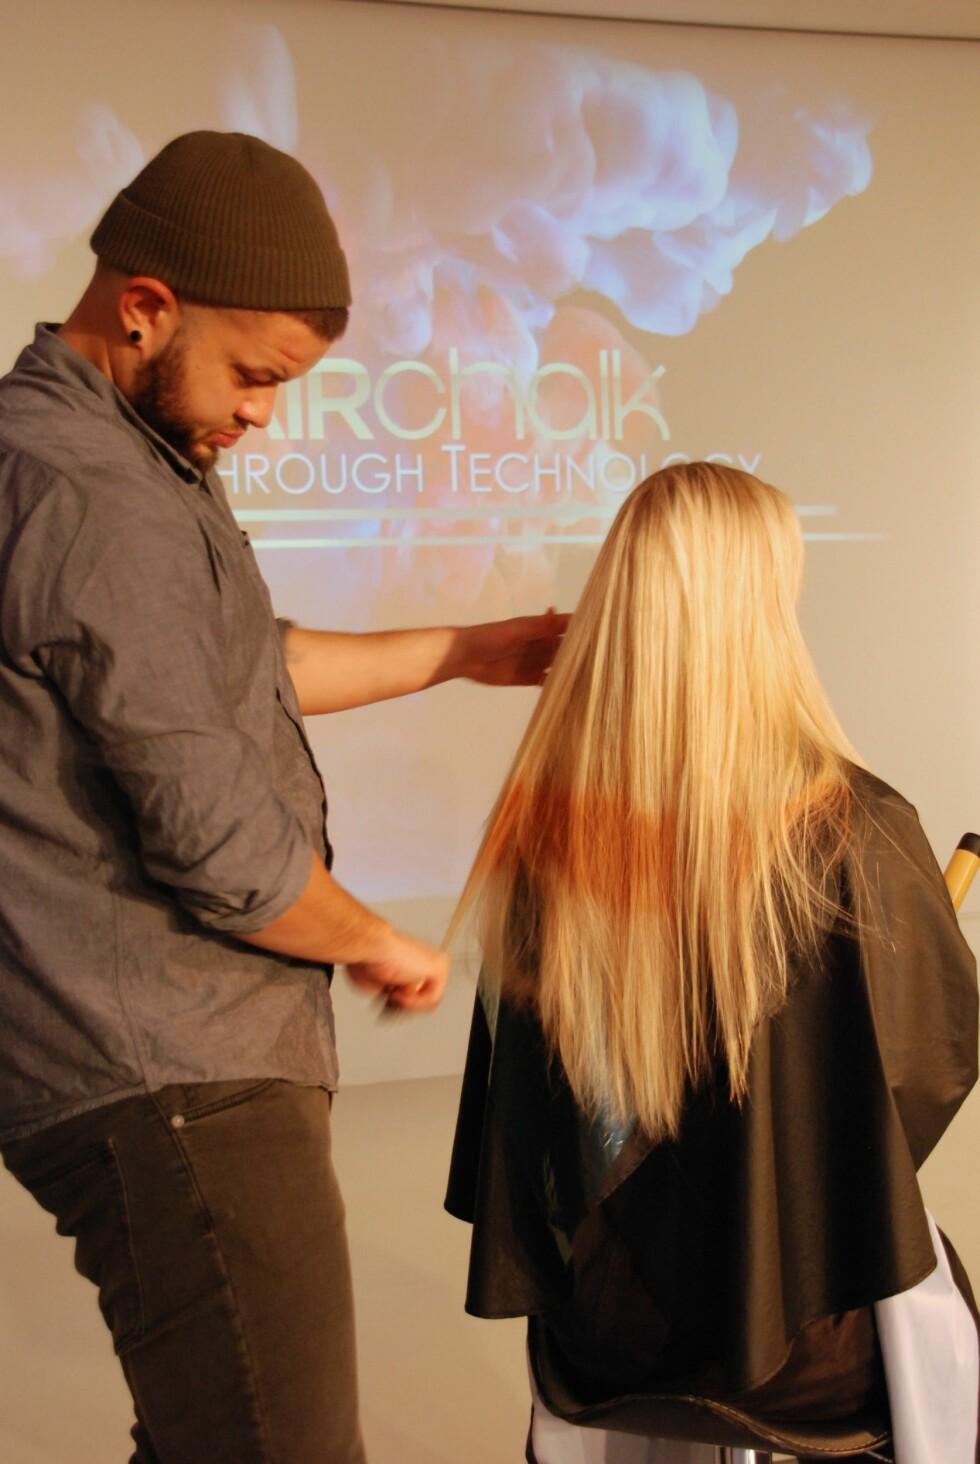 BØRST UT: Håret må gres godt ut etter at fargen har tørket.  Foto: Aina Kristiansen